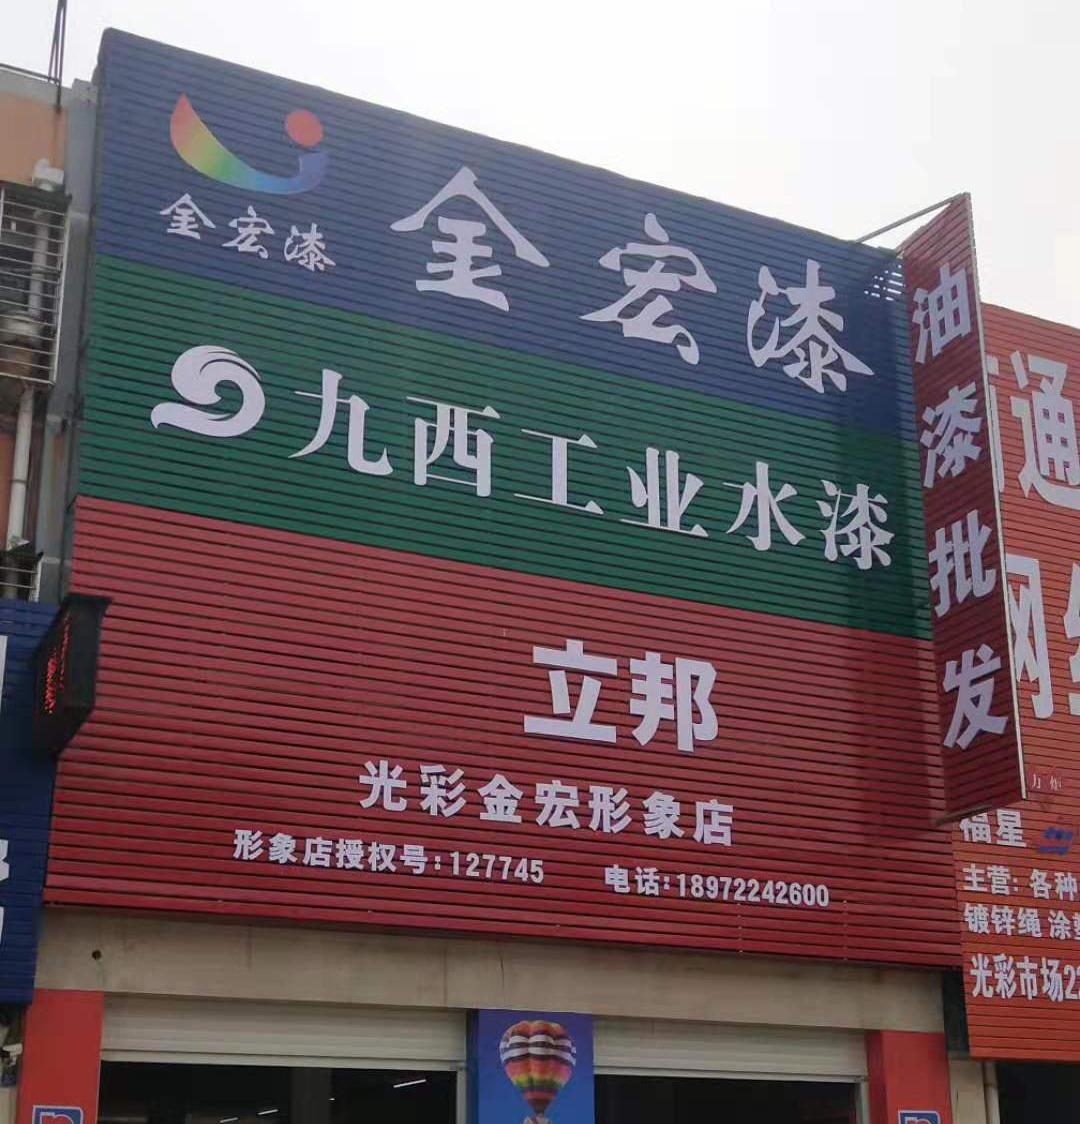 襄阳广告,装饰材料扣板招牌